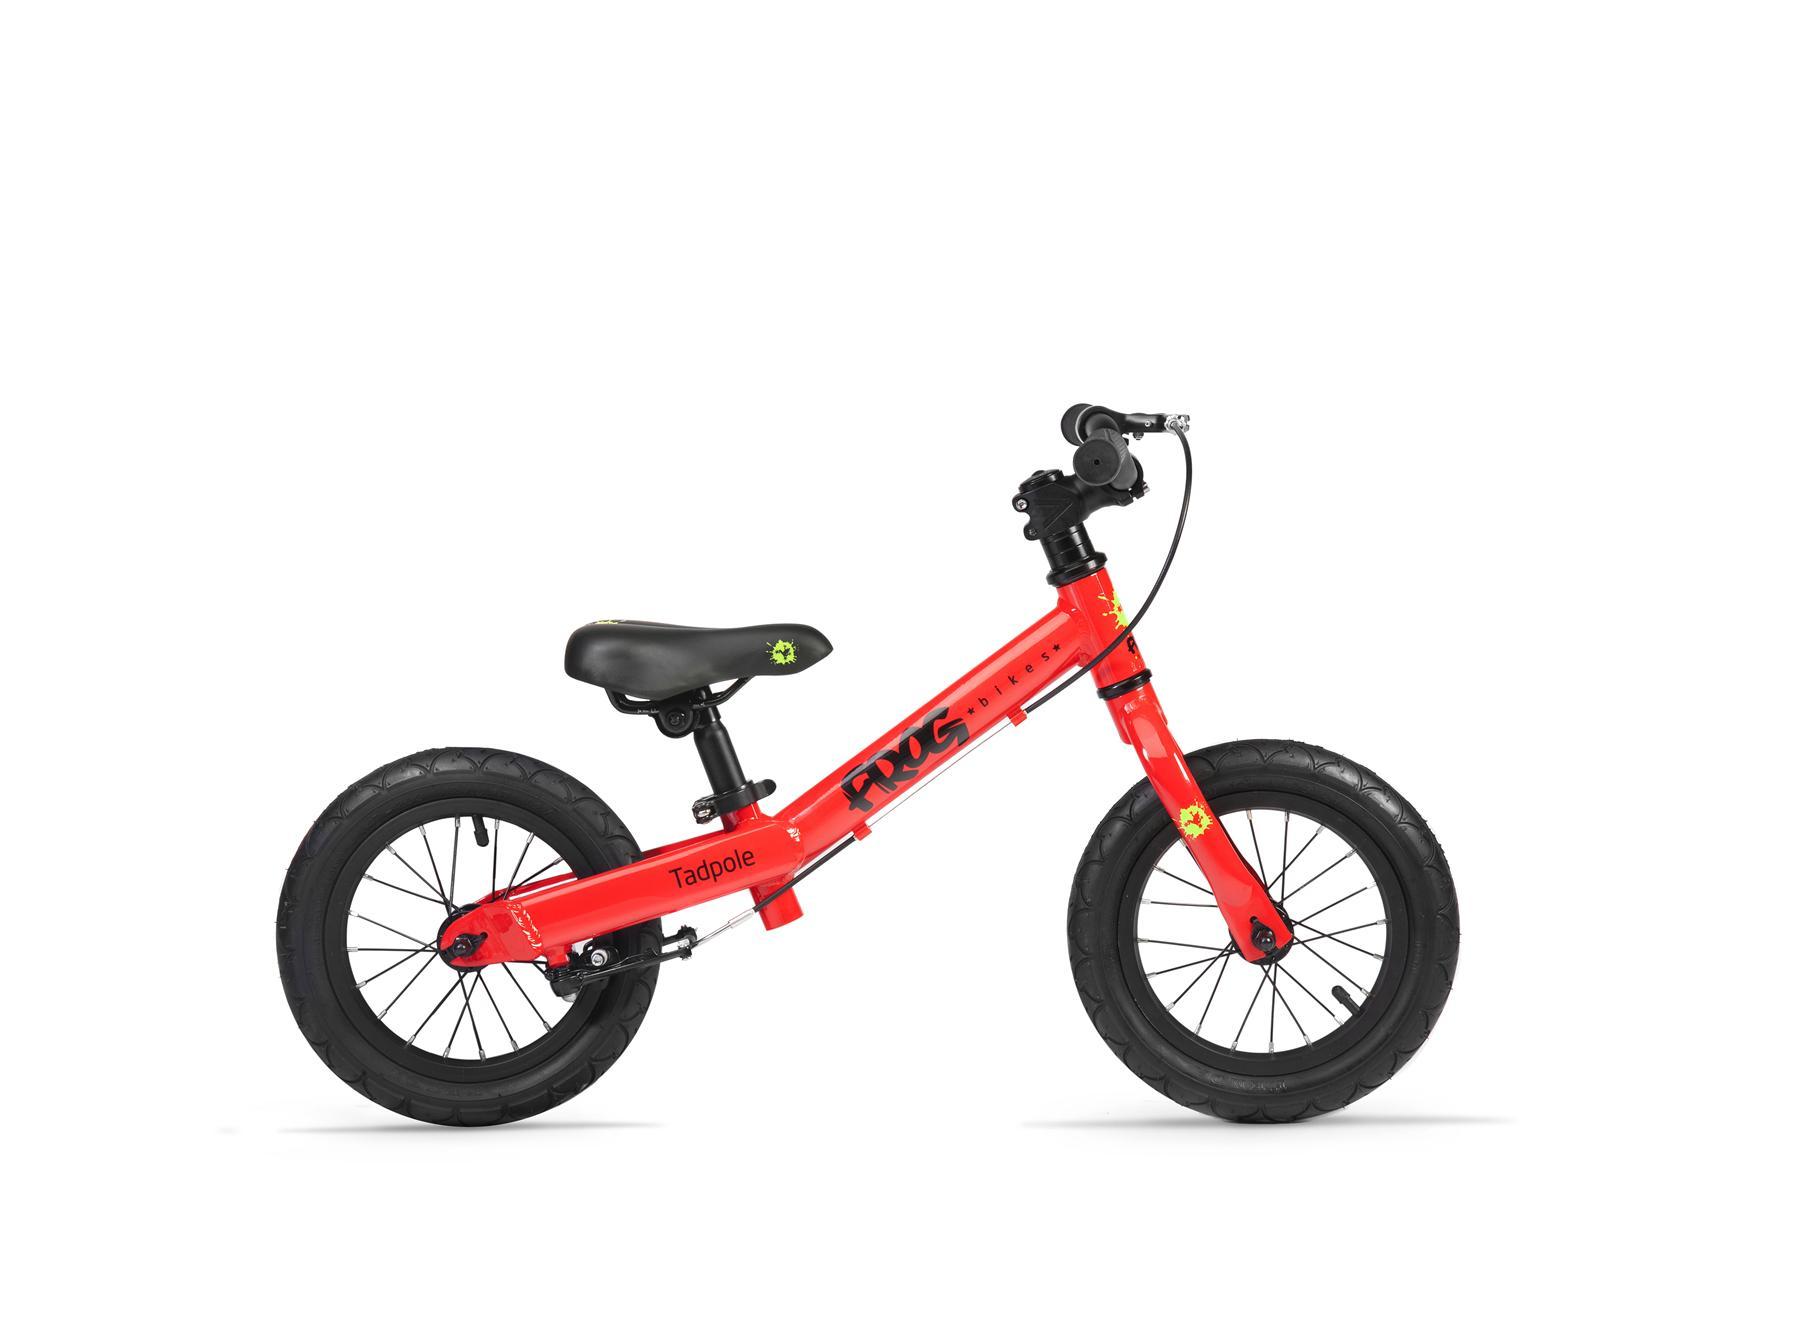 Frog Bikes TADPOLE potkupyörä 12-rengas